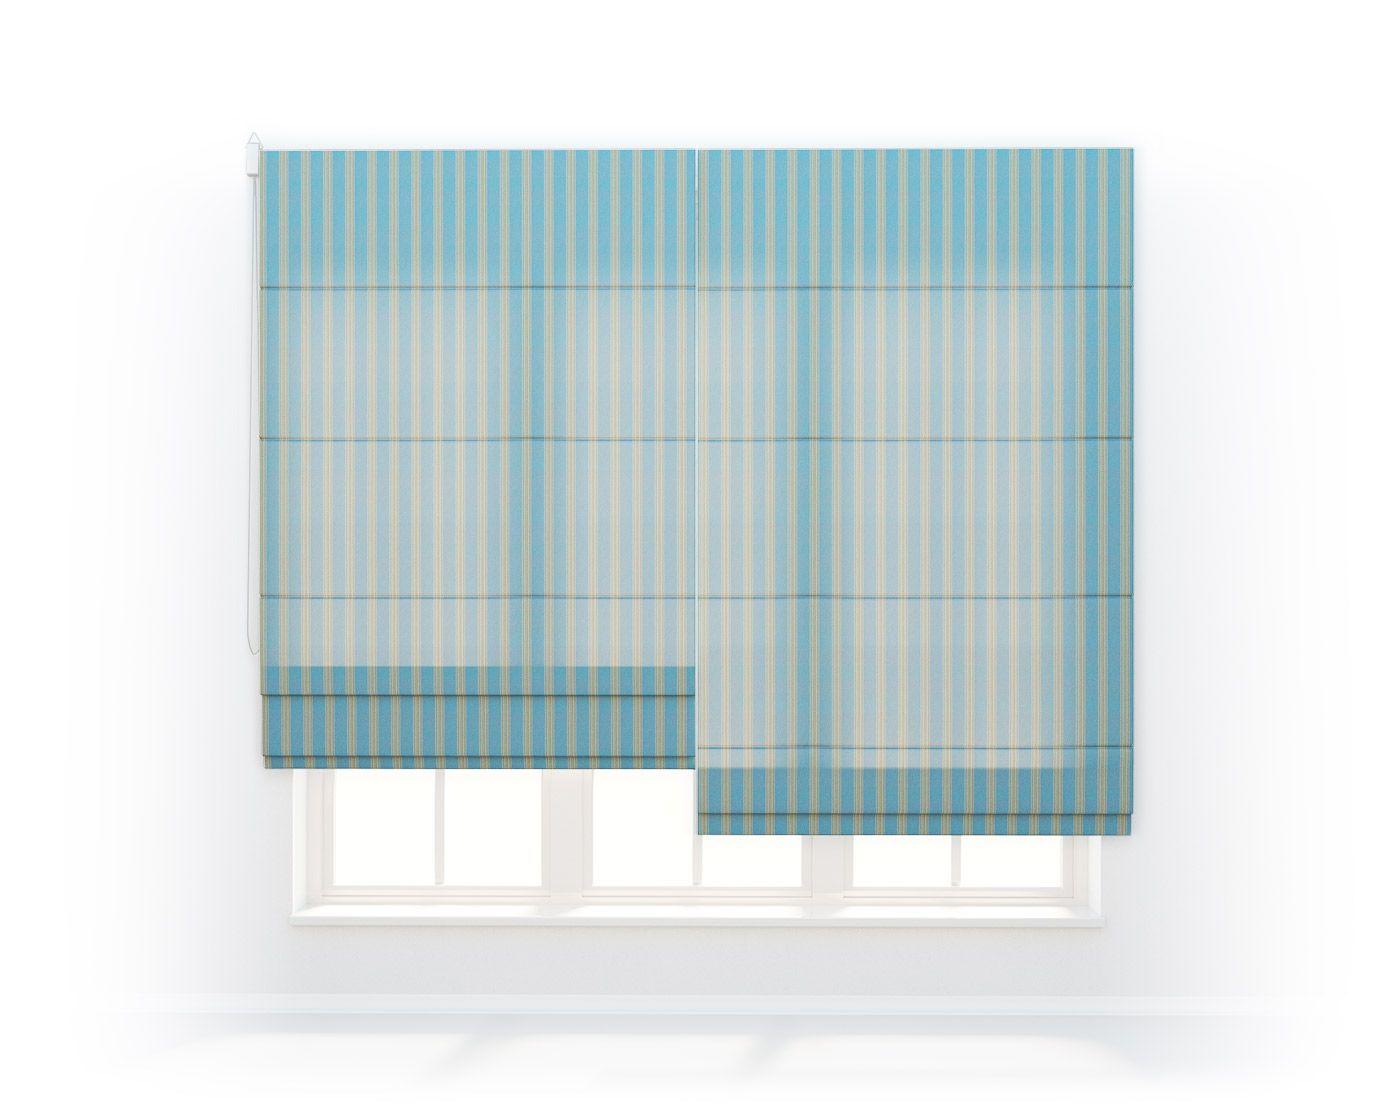 Римские шторы Louis D'or, 2385/45